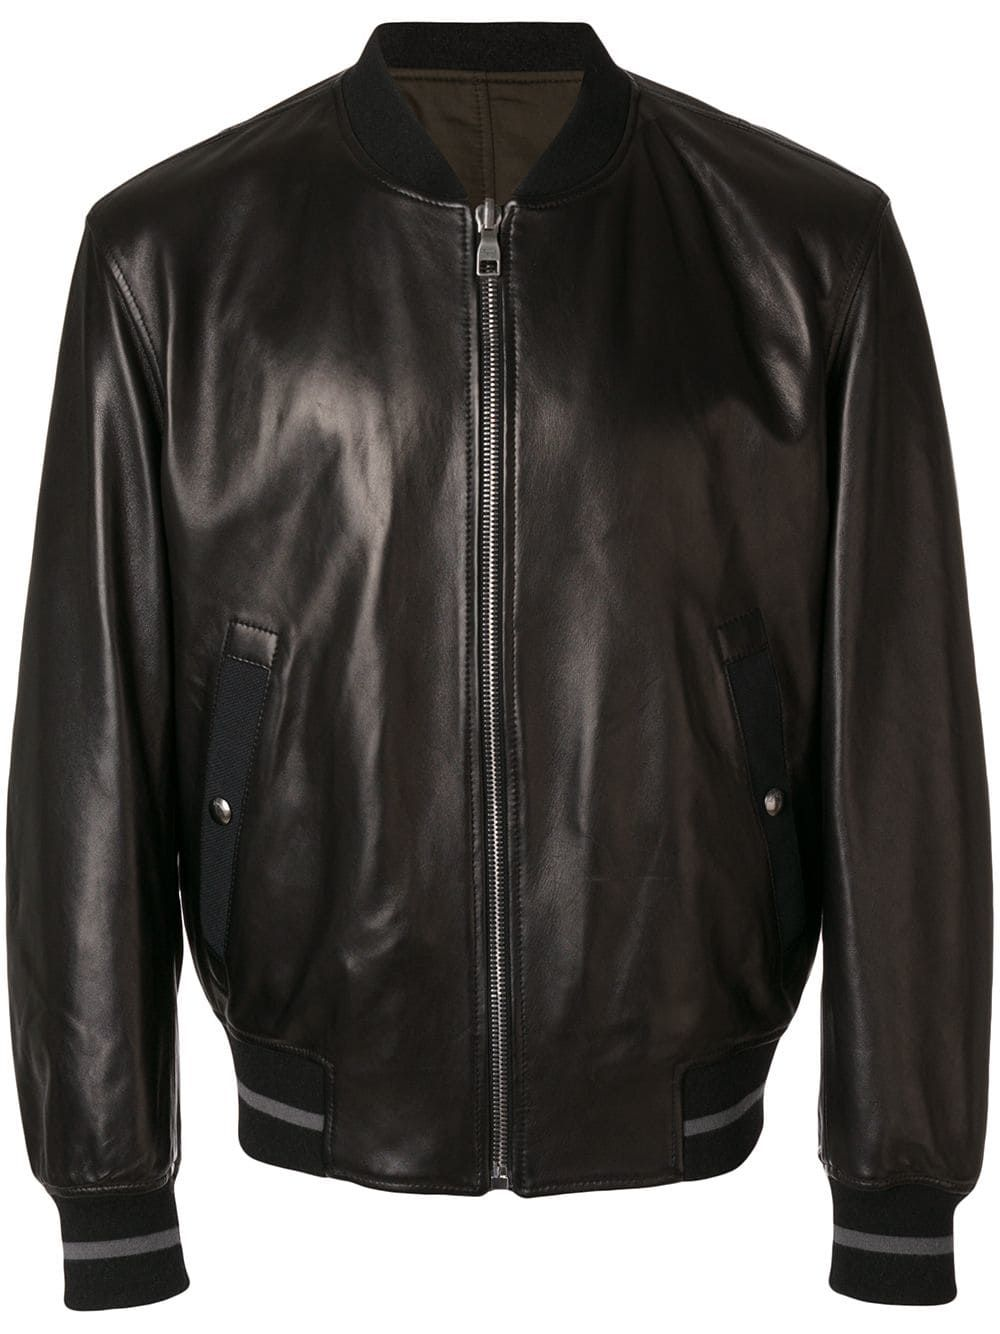 cb59224406fc6 adidas Originals Mens Superstar Camo Bomber Jacket - Hemp | Adidas for m&w  | Camo bomber jacket, Jackets, Adidas originals mens